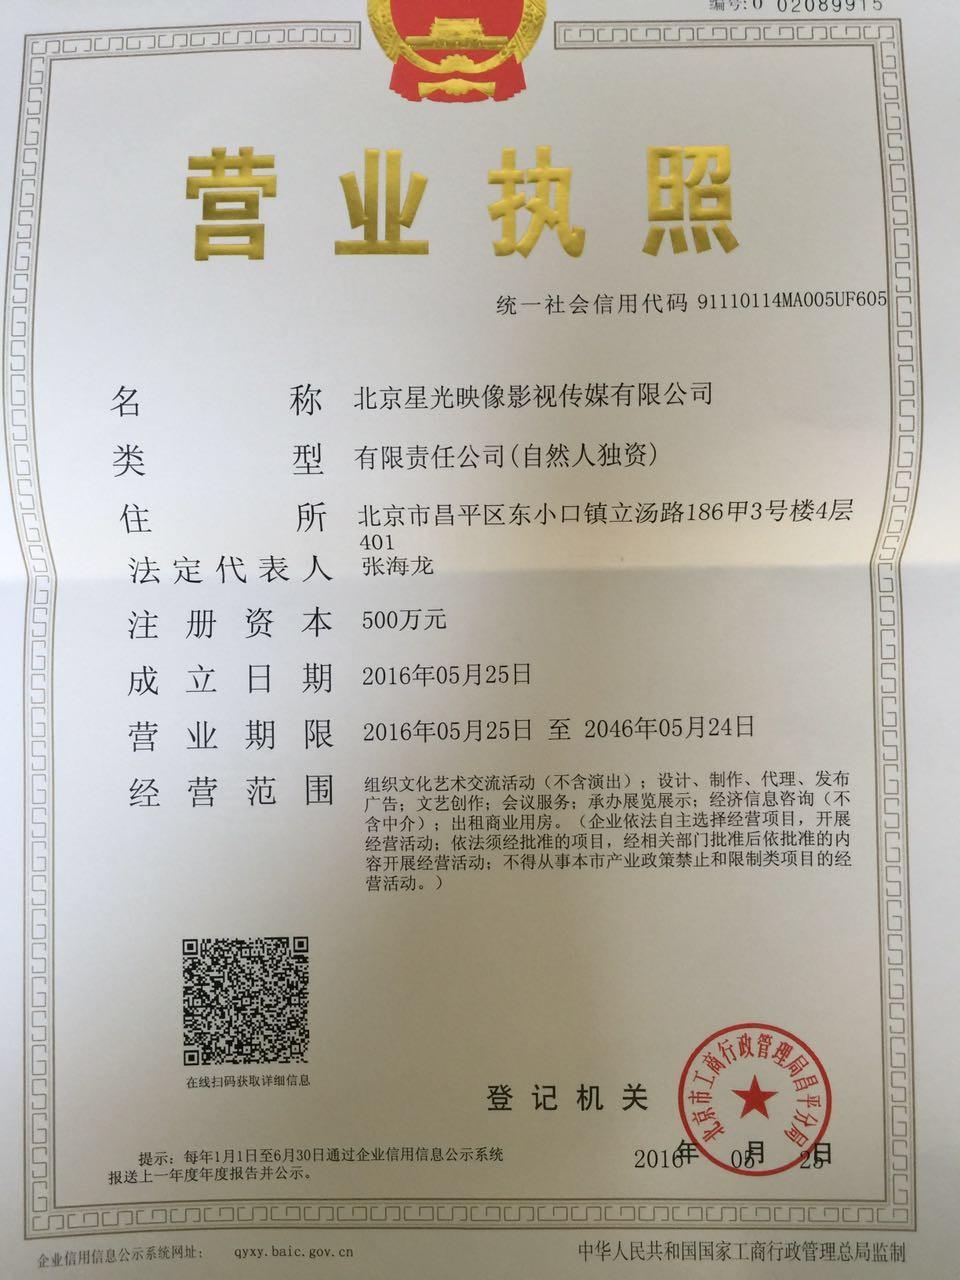 星美集团已经成为中国文化传媒行业著名品牌之一